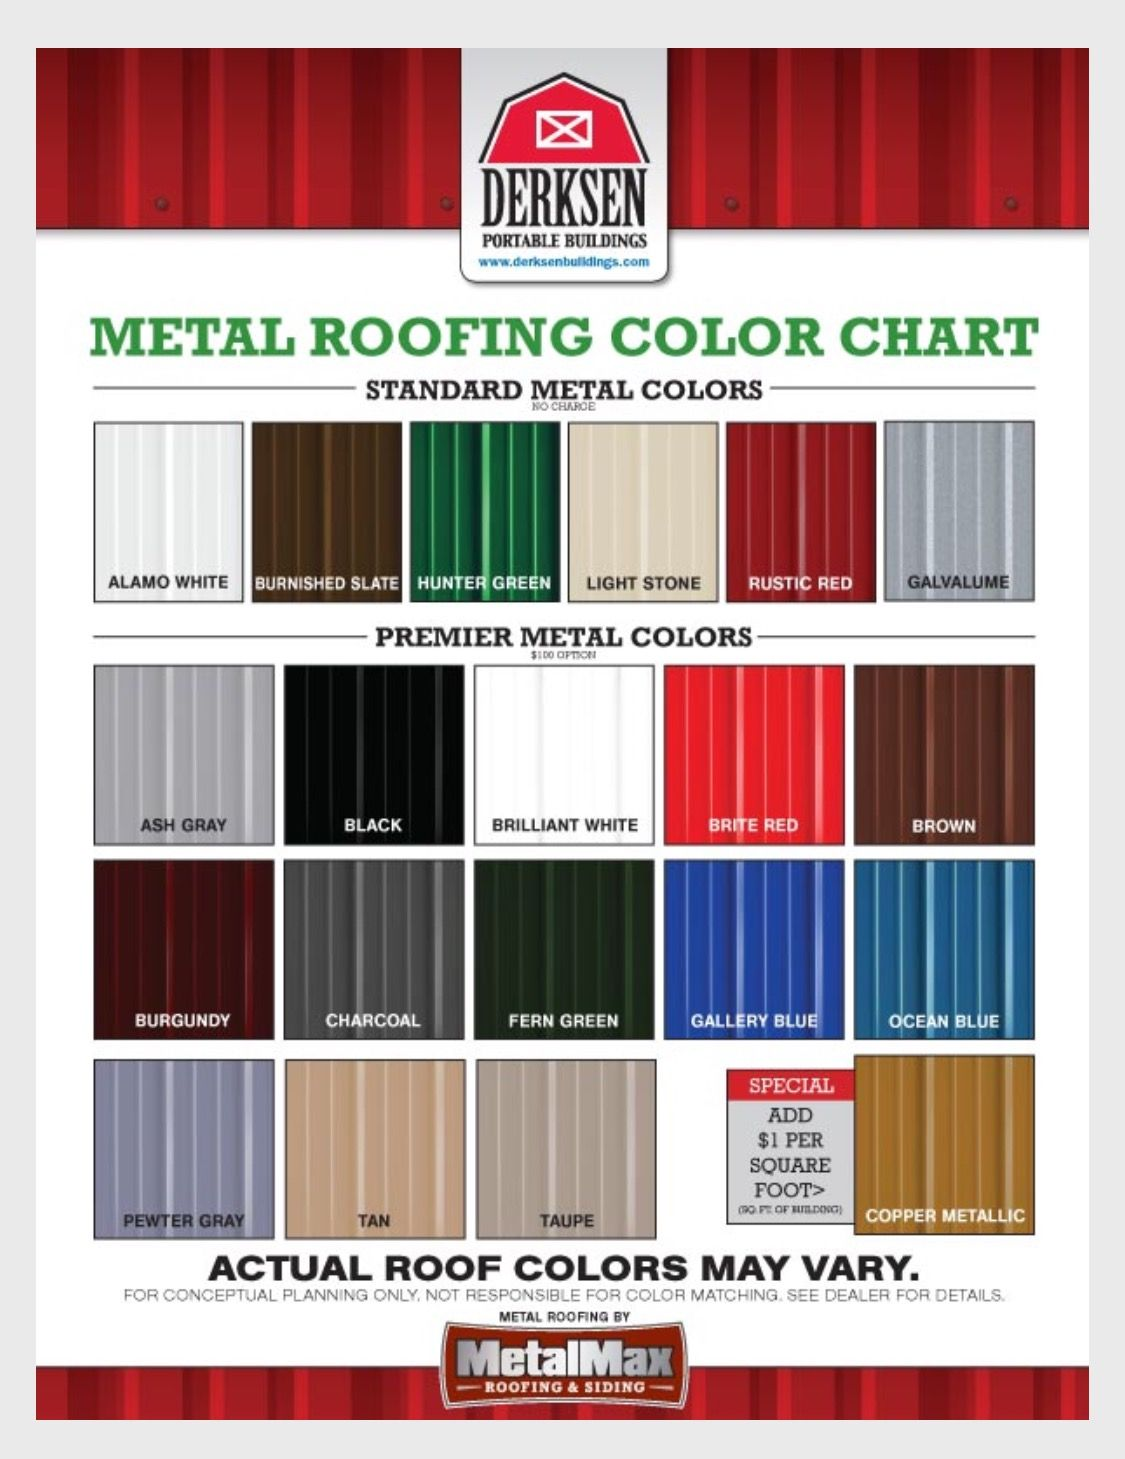 Derksen Metal Roof Colors For Barn Gazebo Or Tiny House Roof Colors Metal Roof Colors Roofing